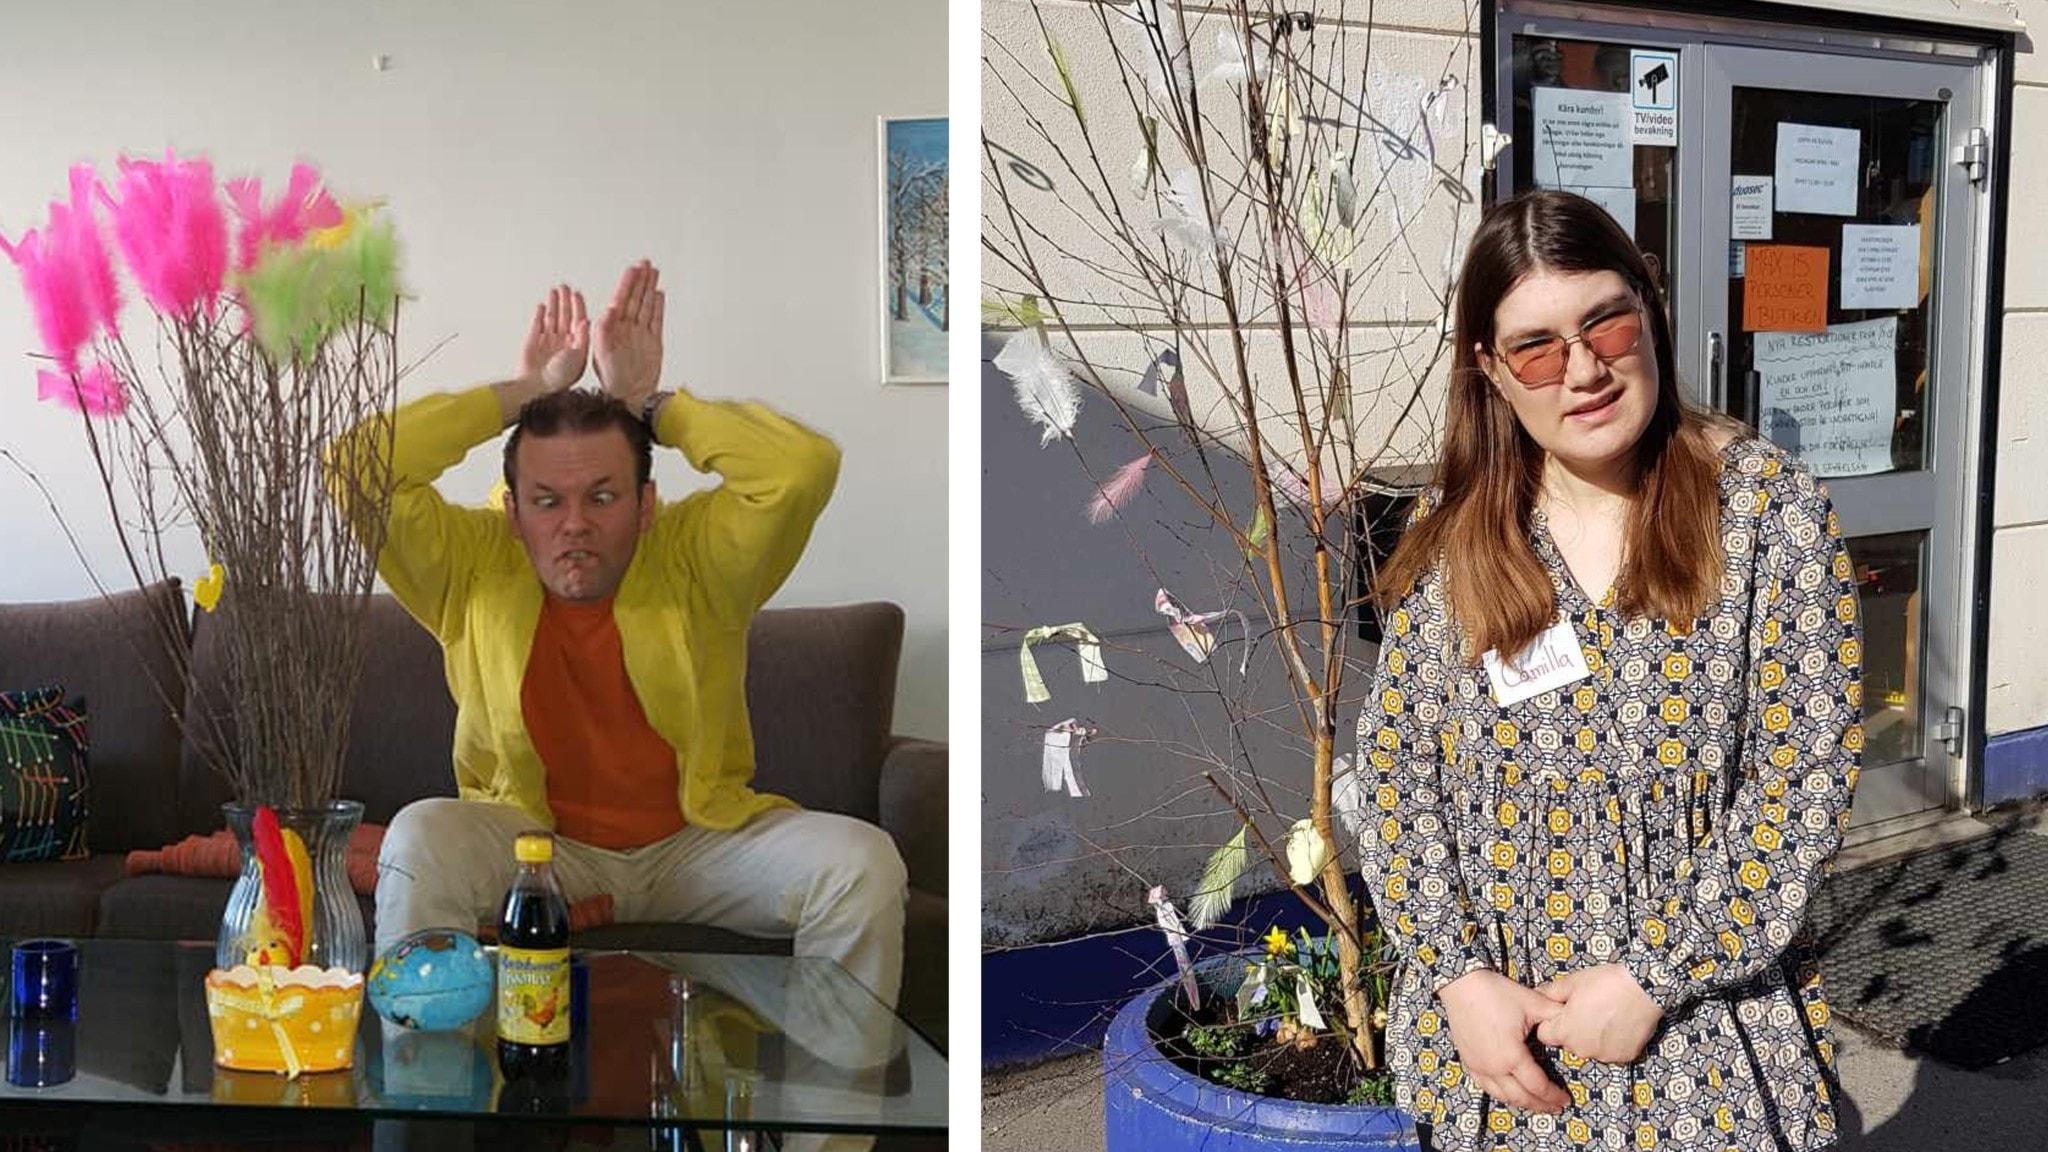 På den ena bilden skojar Tomas och låtsas vara en påskhare. På den andra bilden står Camilla vid ett påskris.